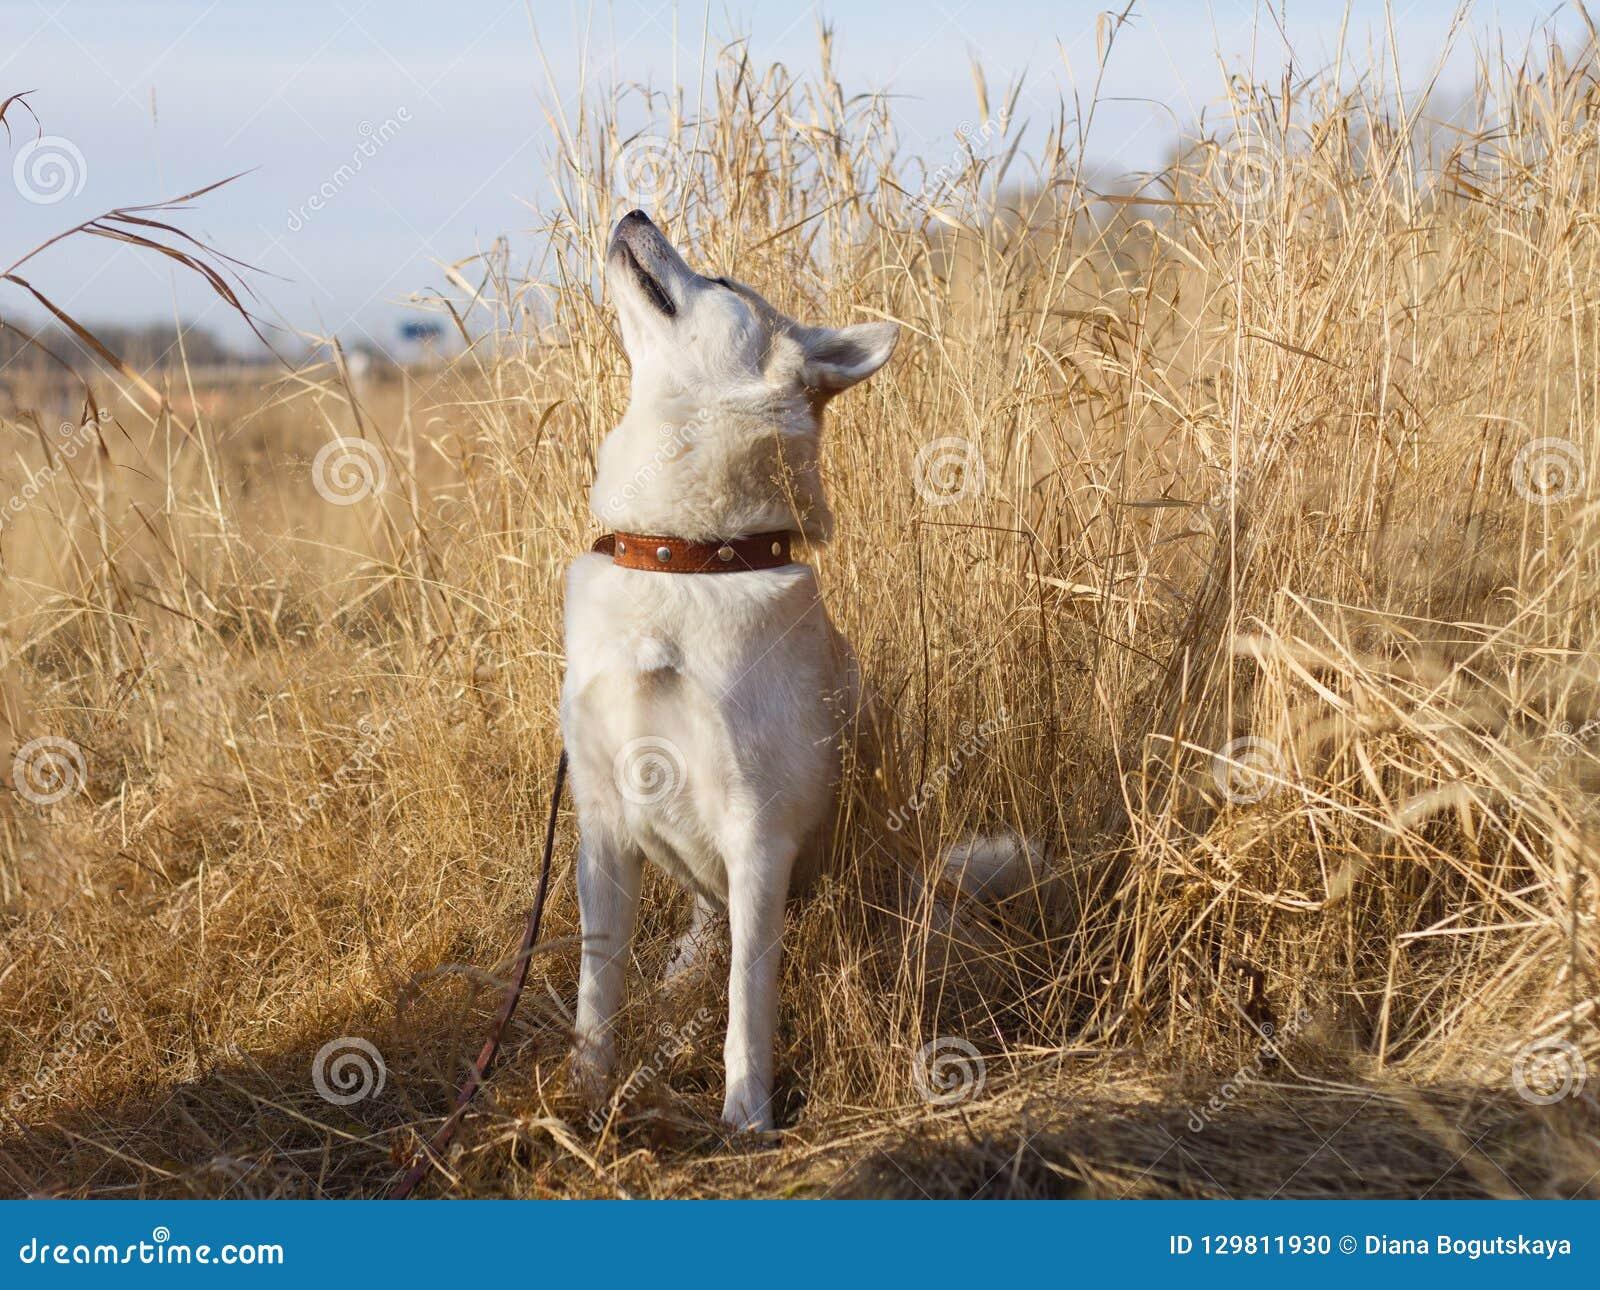 Ένα όμορφο έξυπνο νέο περίεργο ιαπωνικό σκυλί Akita Inu σε ένα περιλαίμιο δέρματος ρουθουνίζει τον αέρα μεταξύ της ξηράς χλόης στ